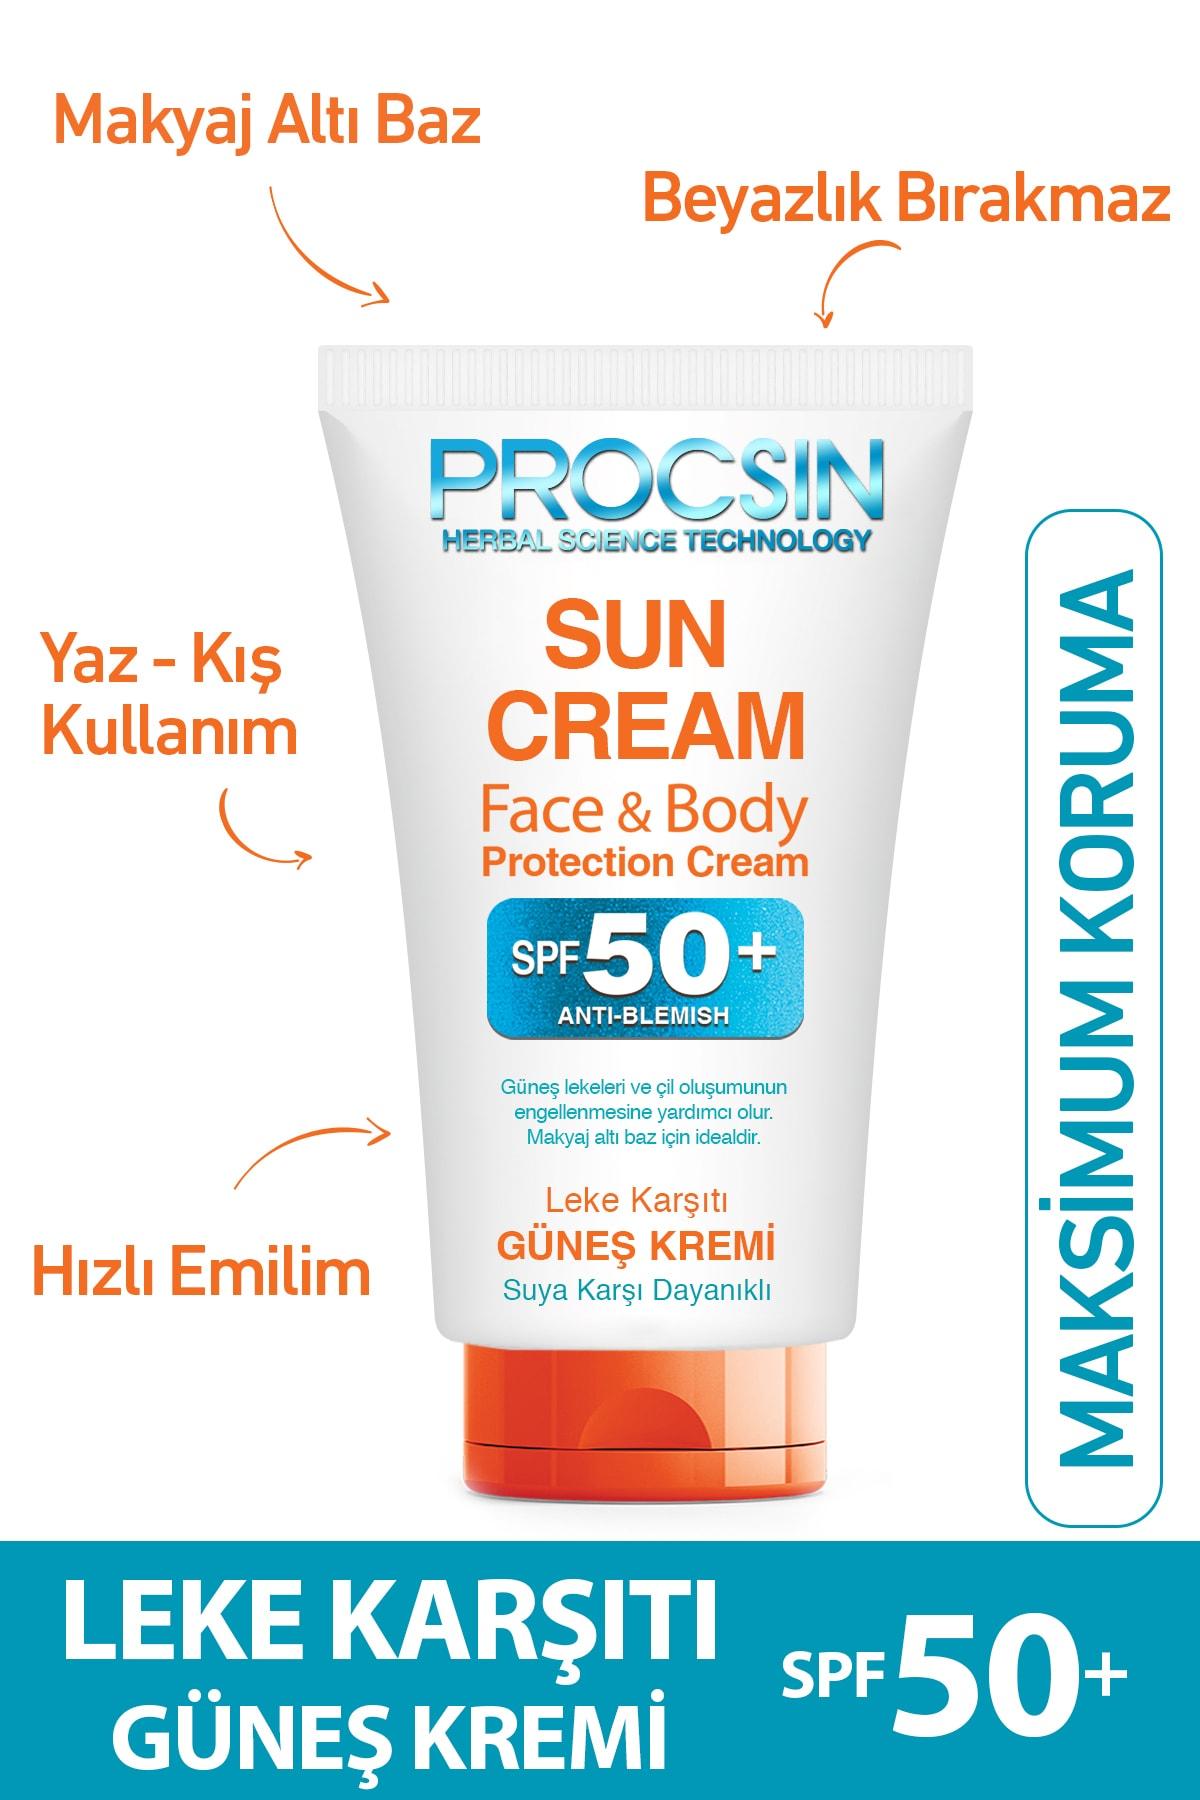 Procsin Procsın Güneş Kremi Koyu Leke Karşıtı Spf 50 50 ml 0